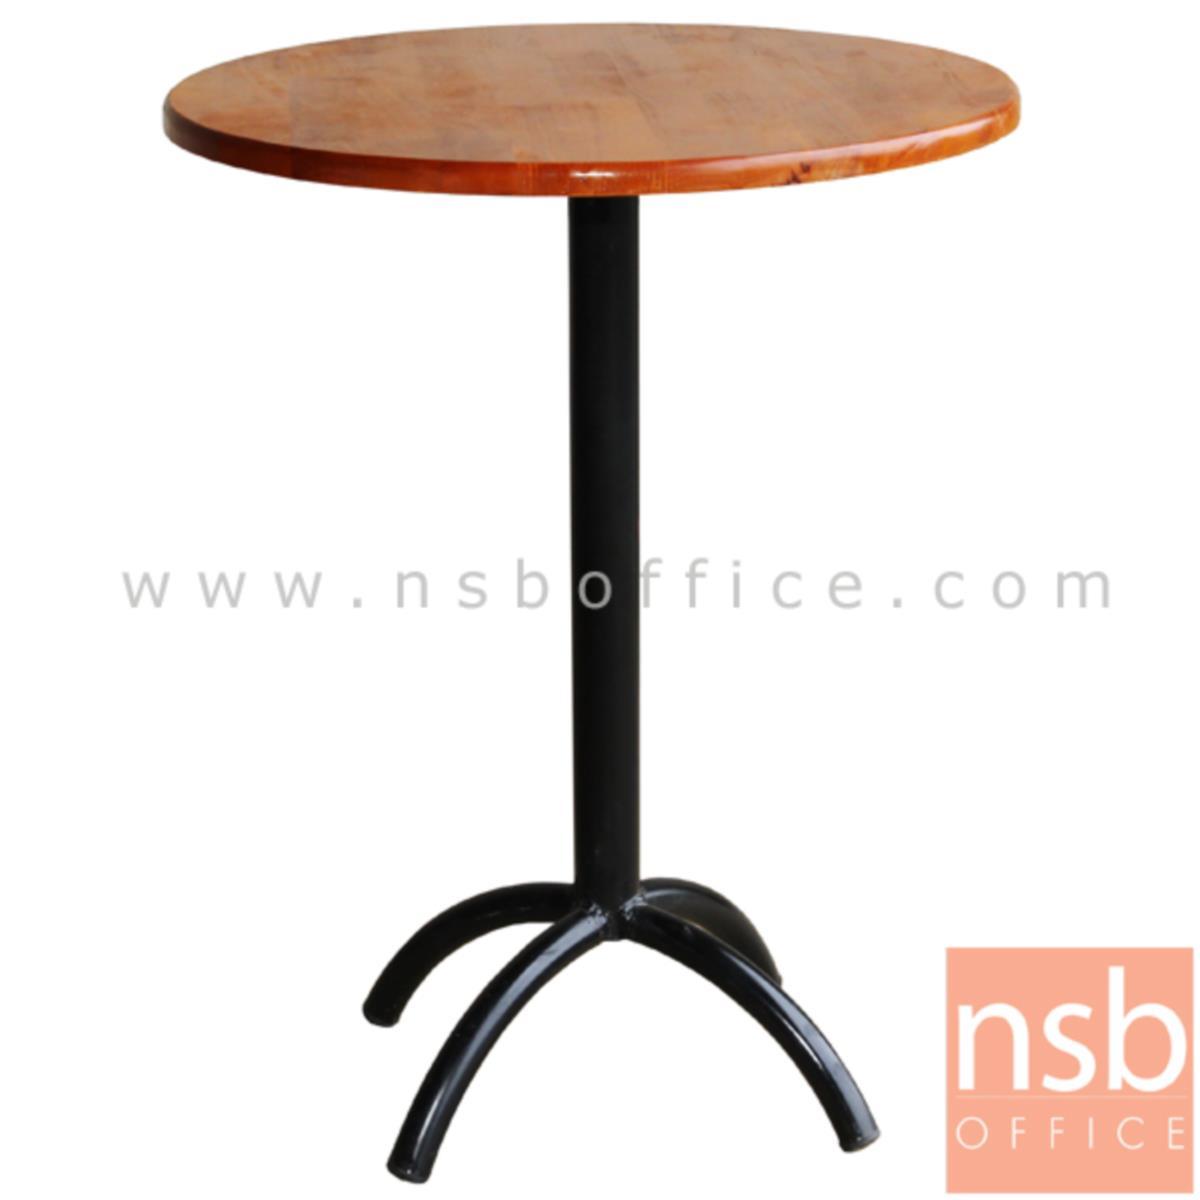 โต๊ะไม้ยางพารา รุ่น Harran (ฮาร์รัน) ขนาด 60Di ,75Di cm. ขาเหล็ก